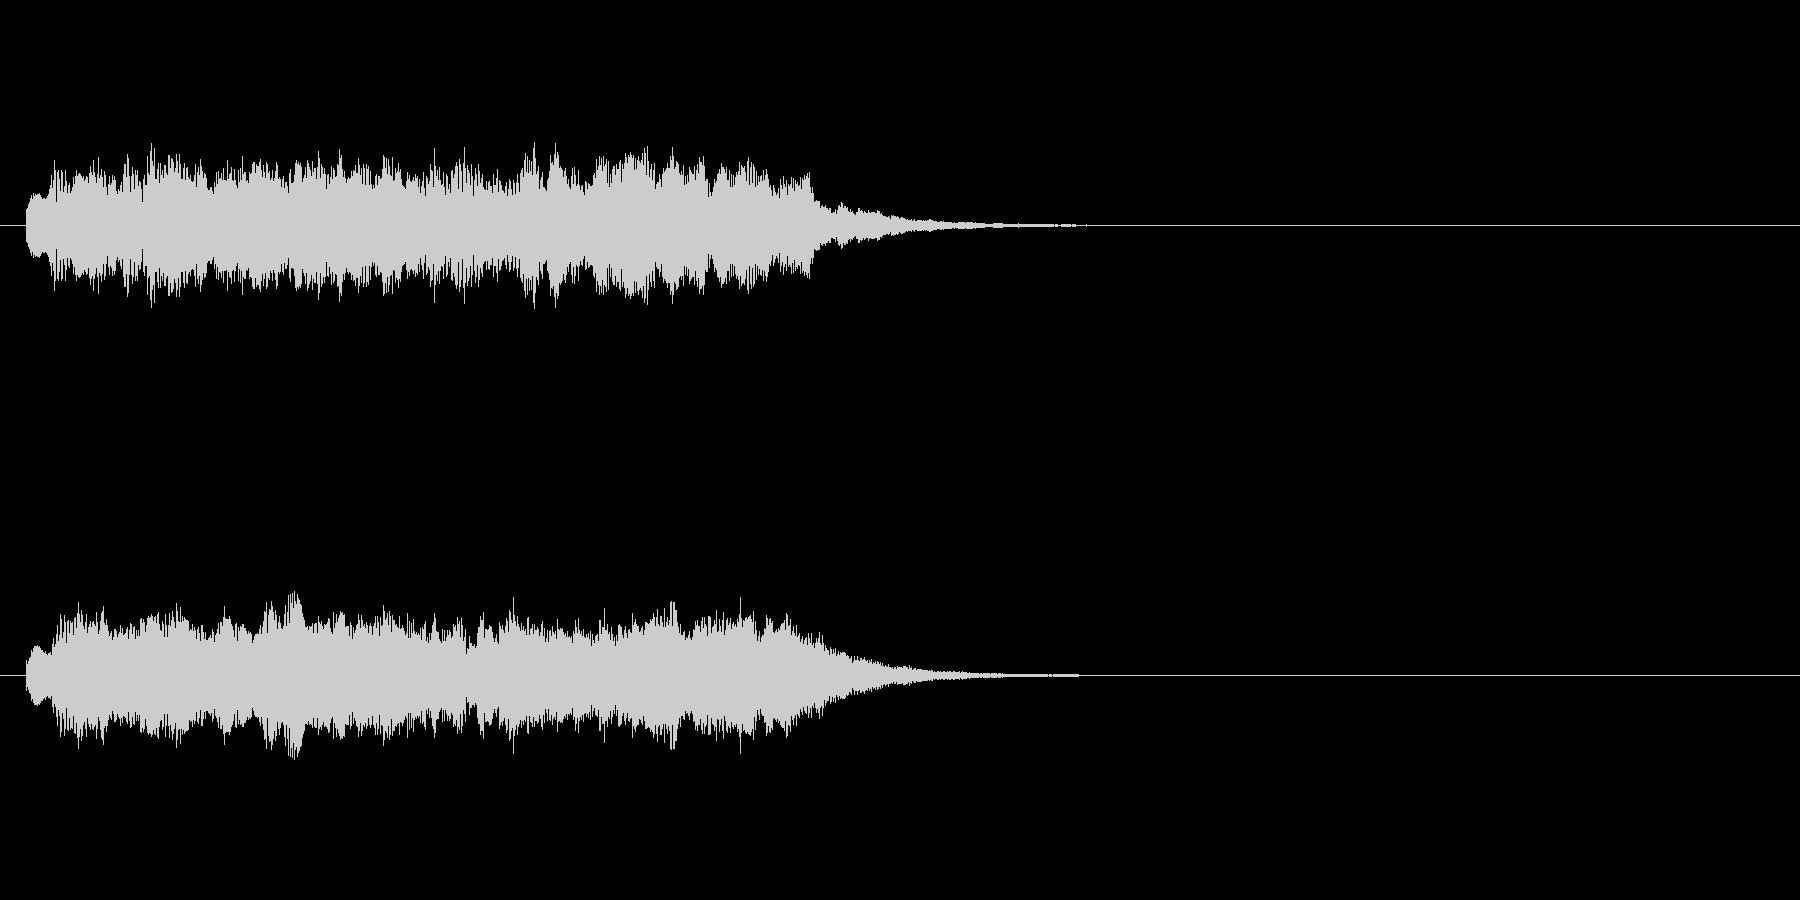 ジングル(サイエンスチック)の未再生の波形